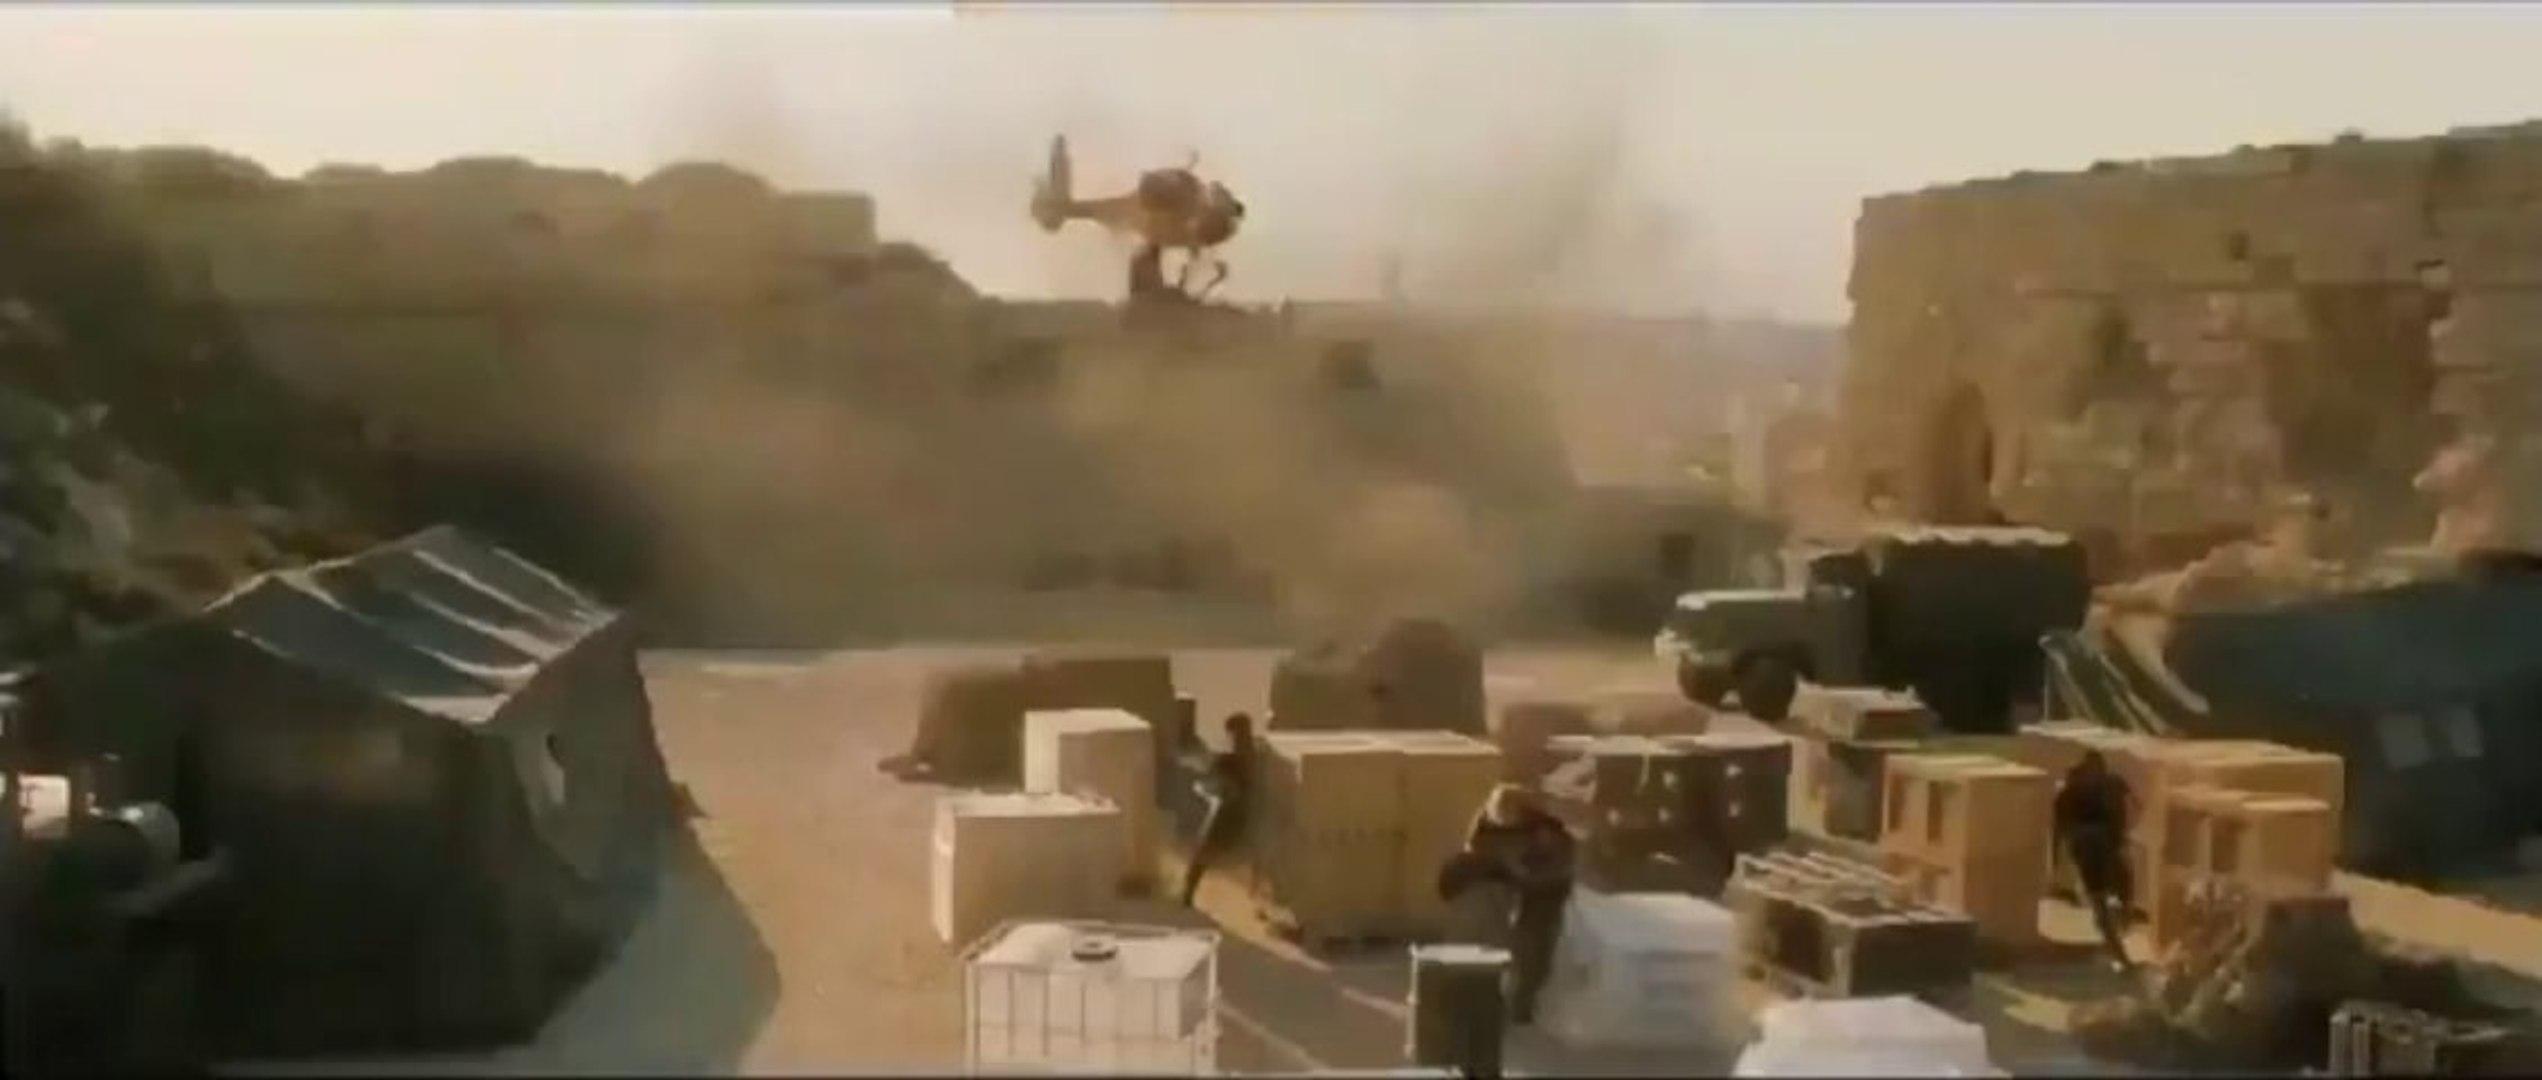 Срочно! Война миров Z смотреть онлайн в качестве (720p) the most interesting film